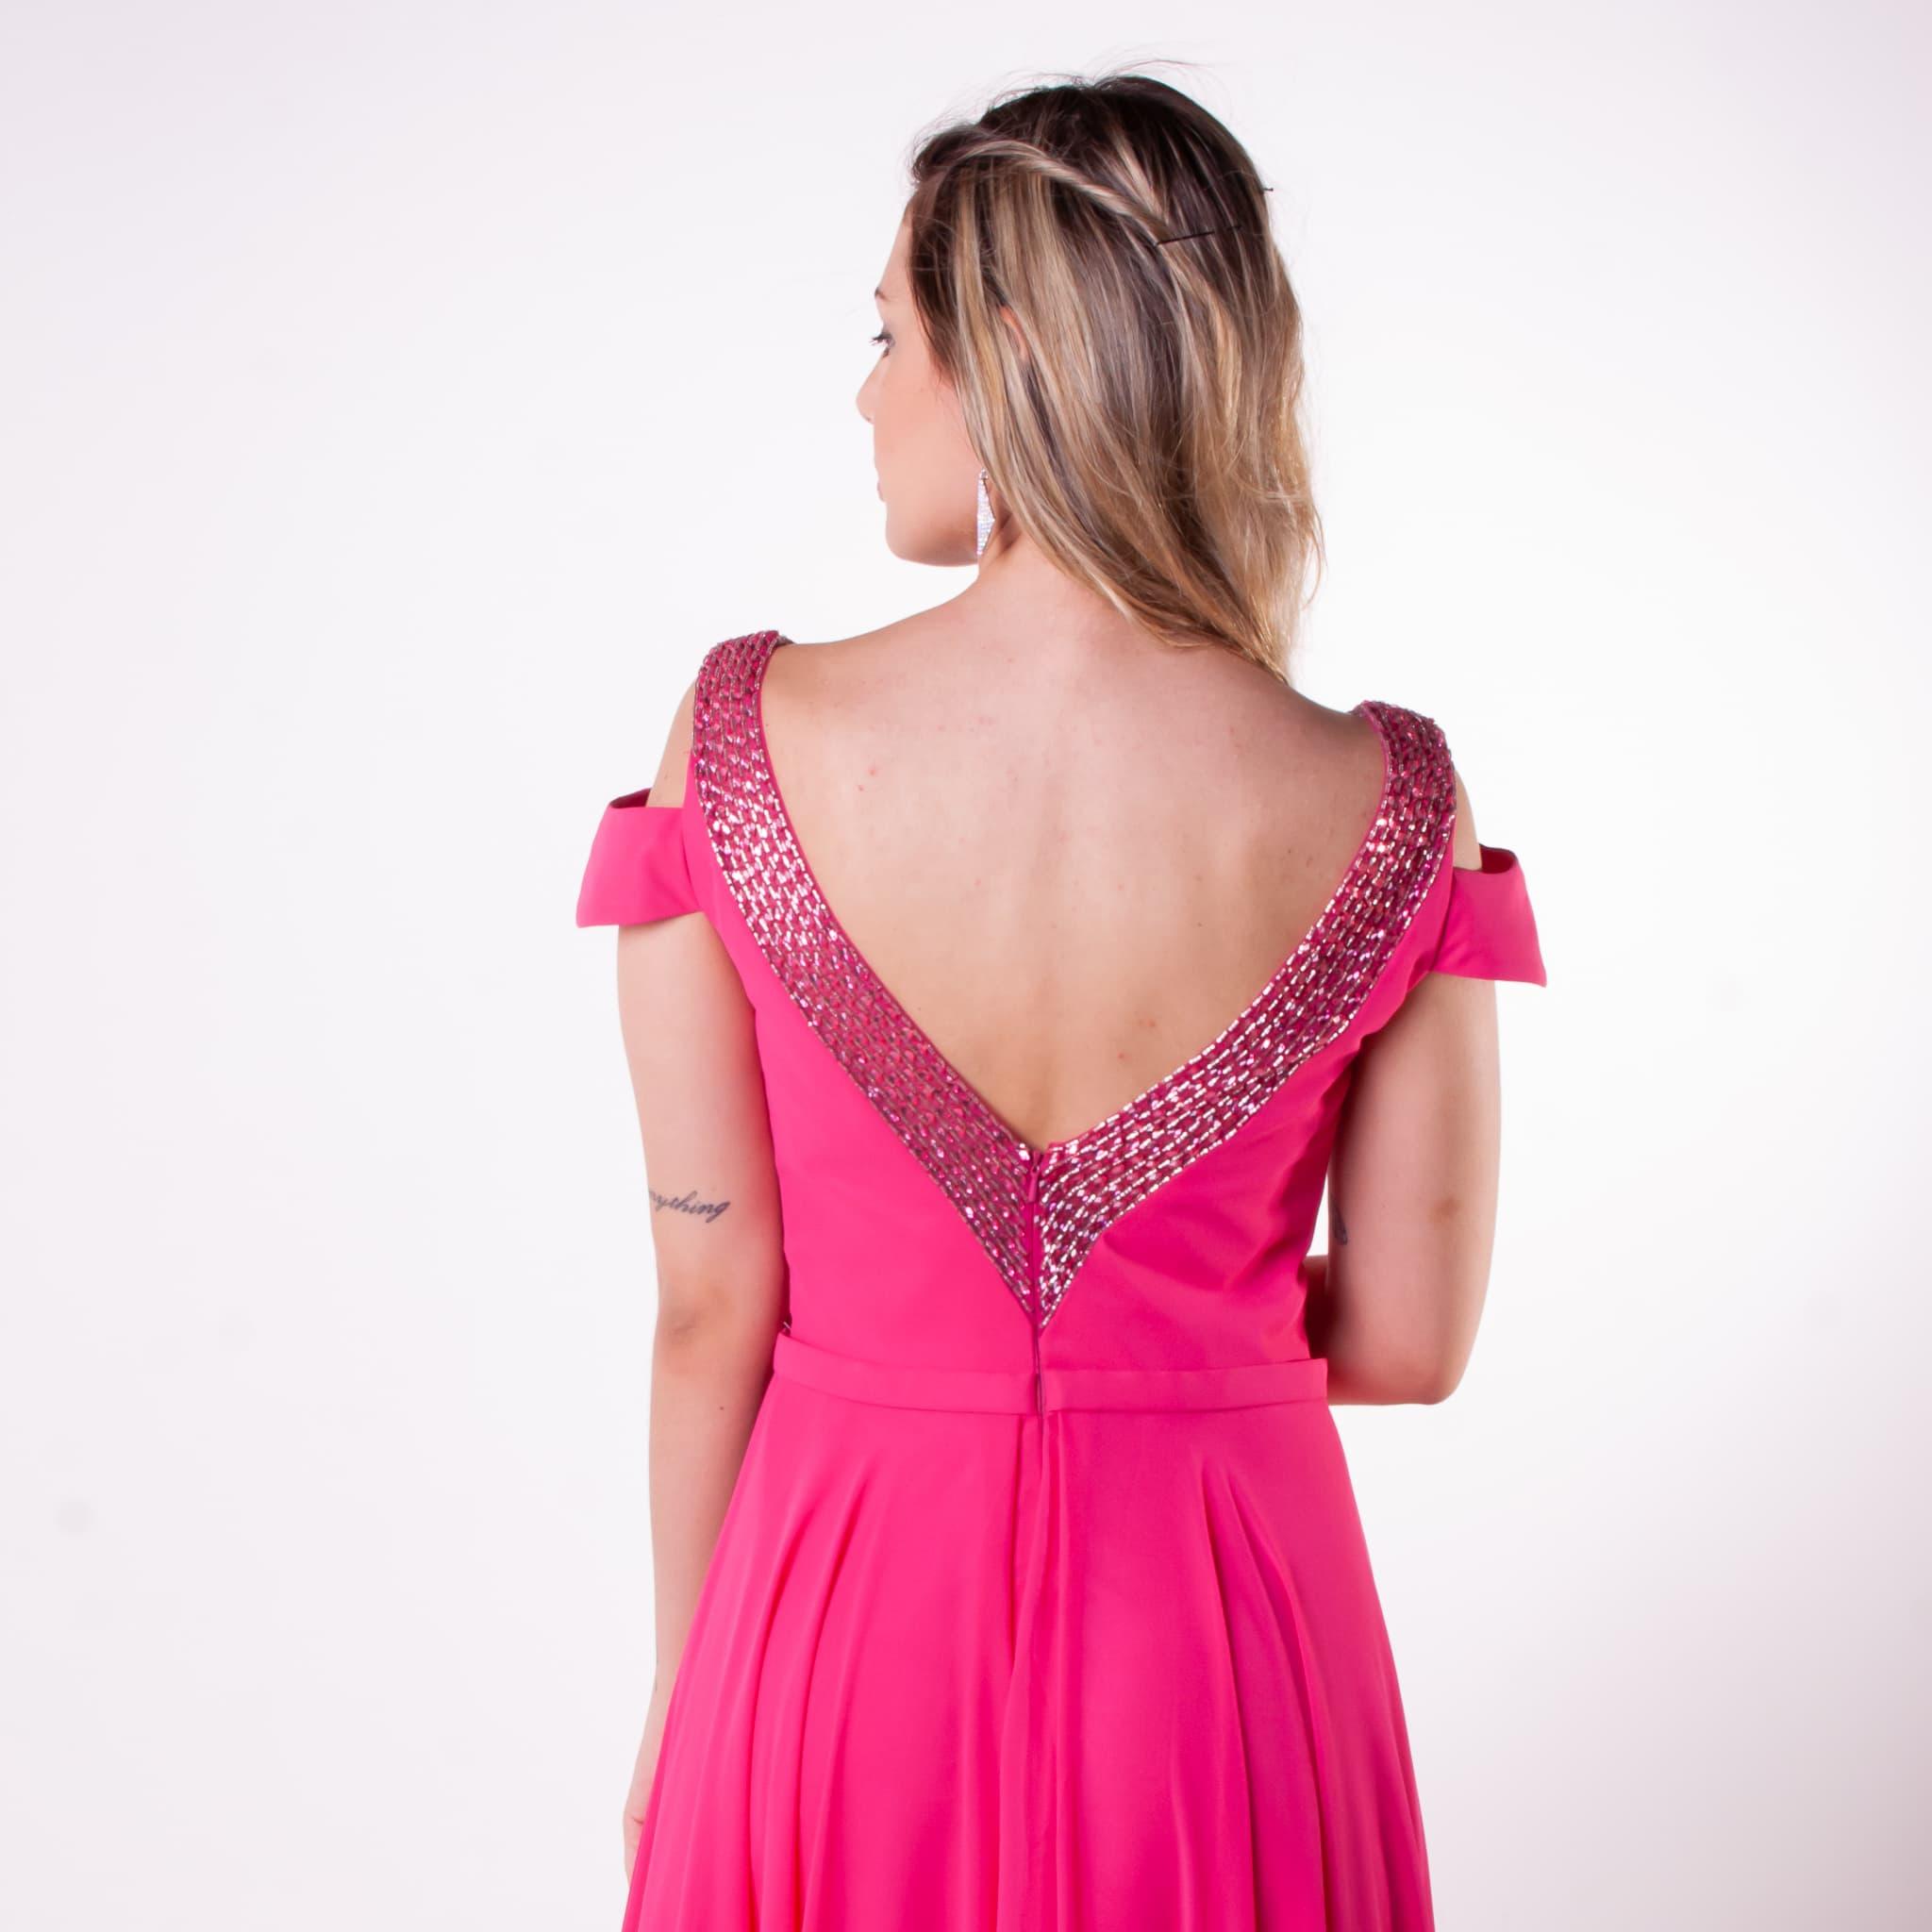 29 - Vestido pink fluido com decote V nas costas